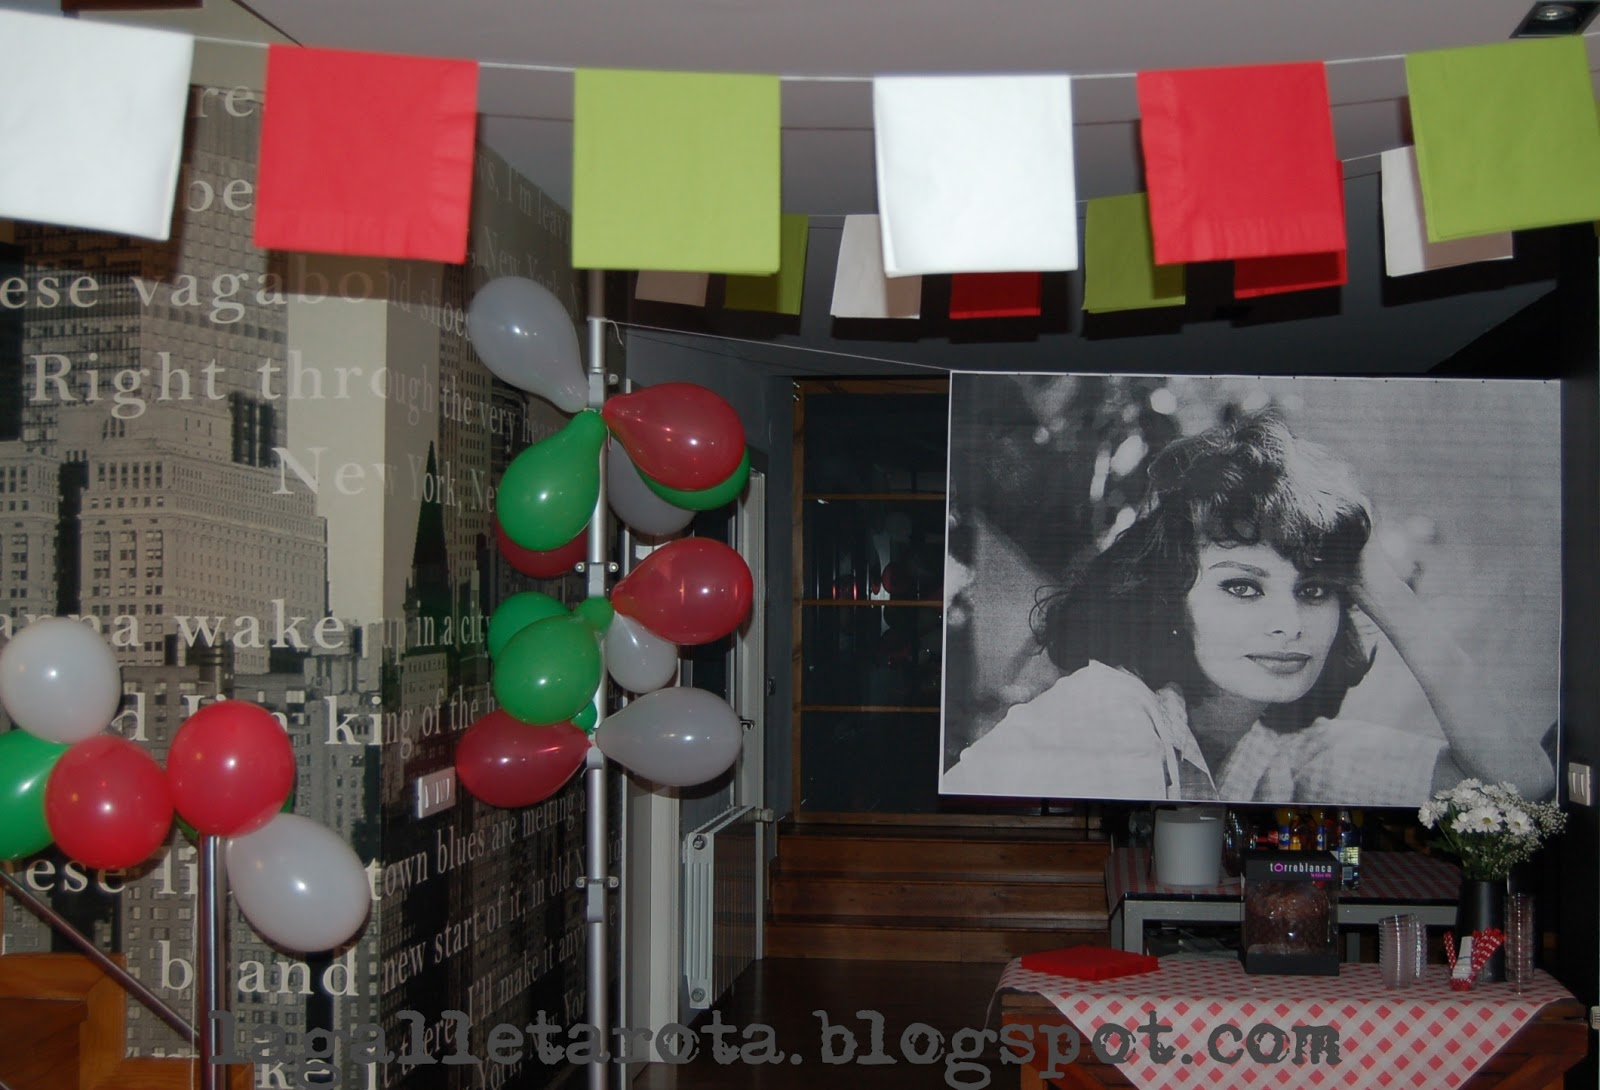 La galleta rota cena di compleanno alla trattoria di for Decoracion italiana